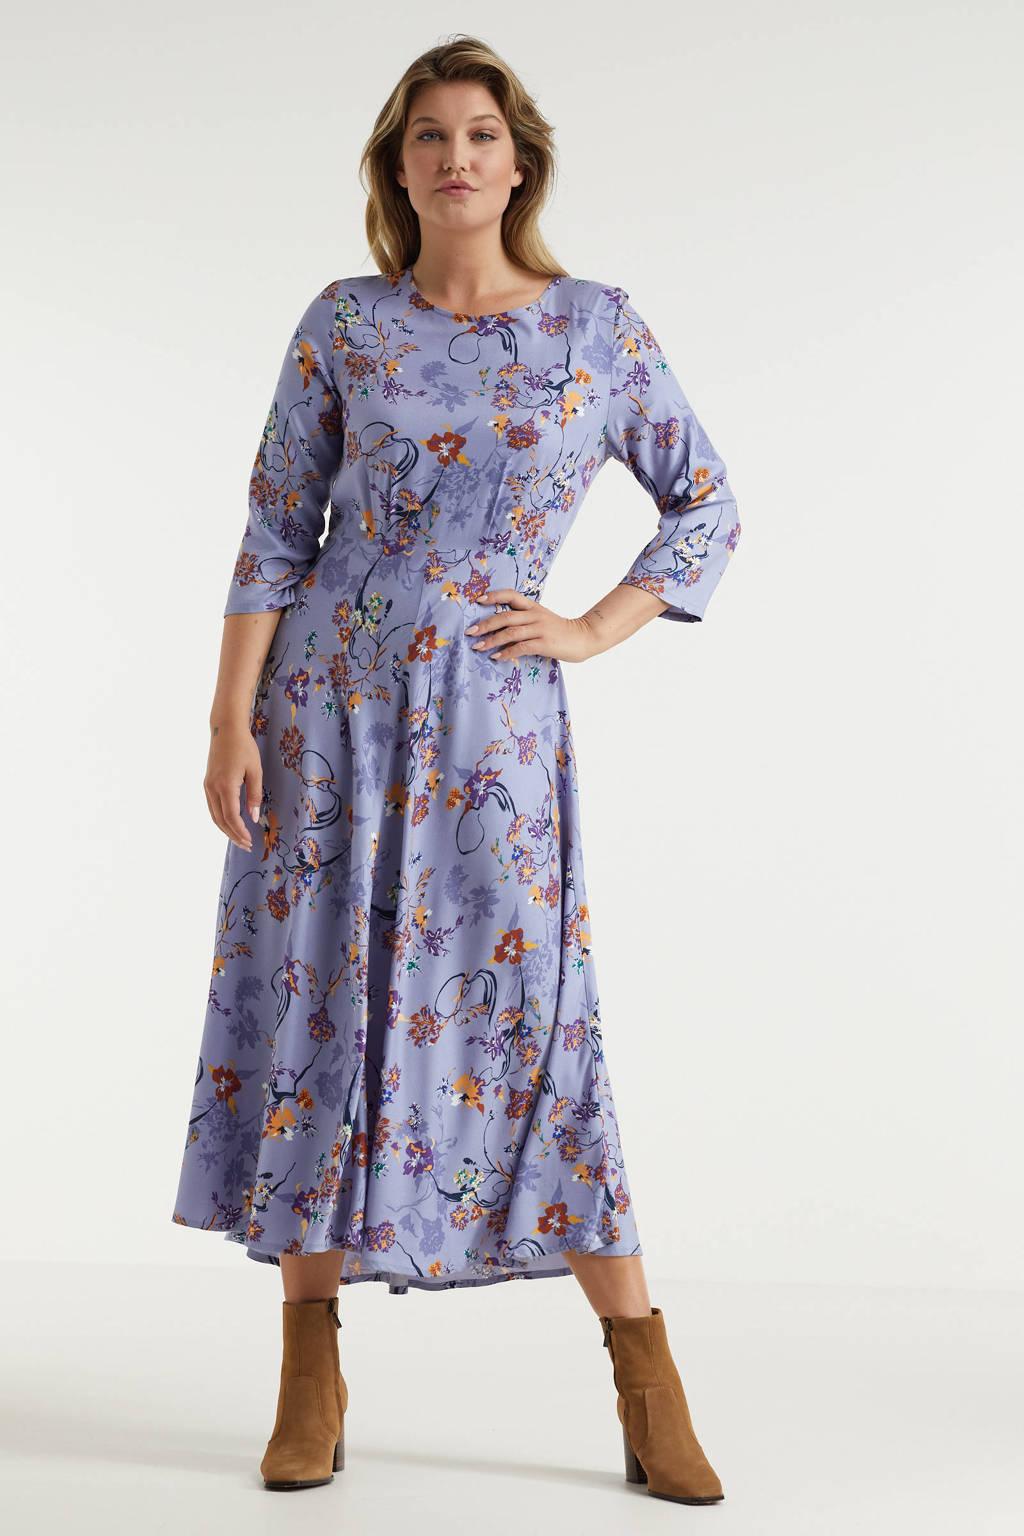 Miljuschka by Wehkamp A-lijn jurk met print lavendel, Lila